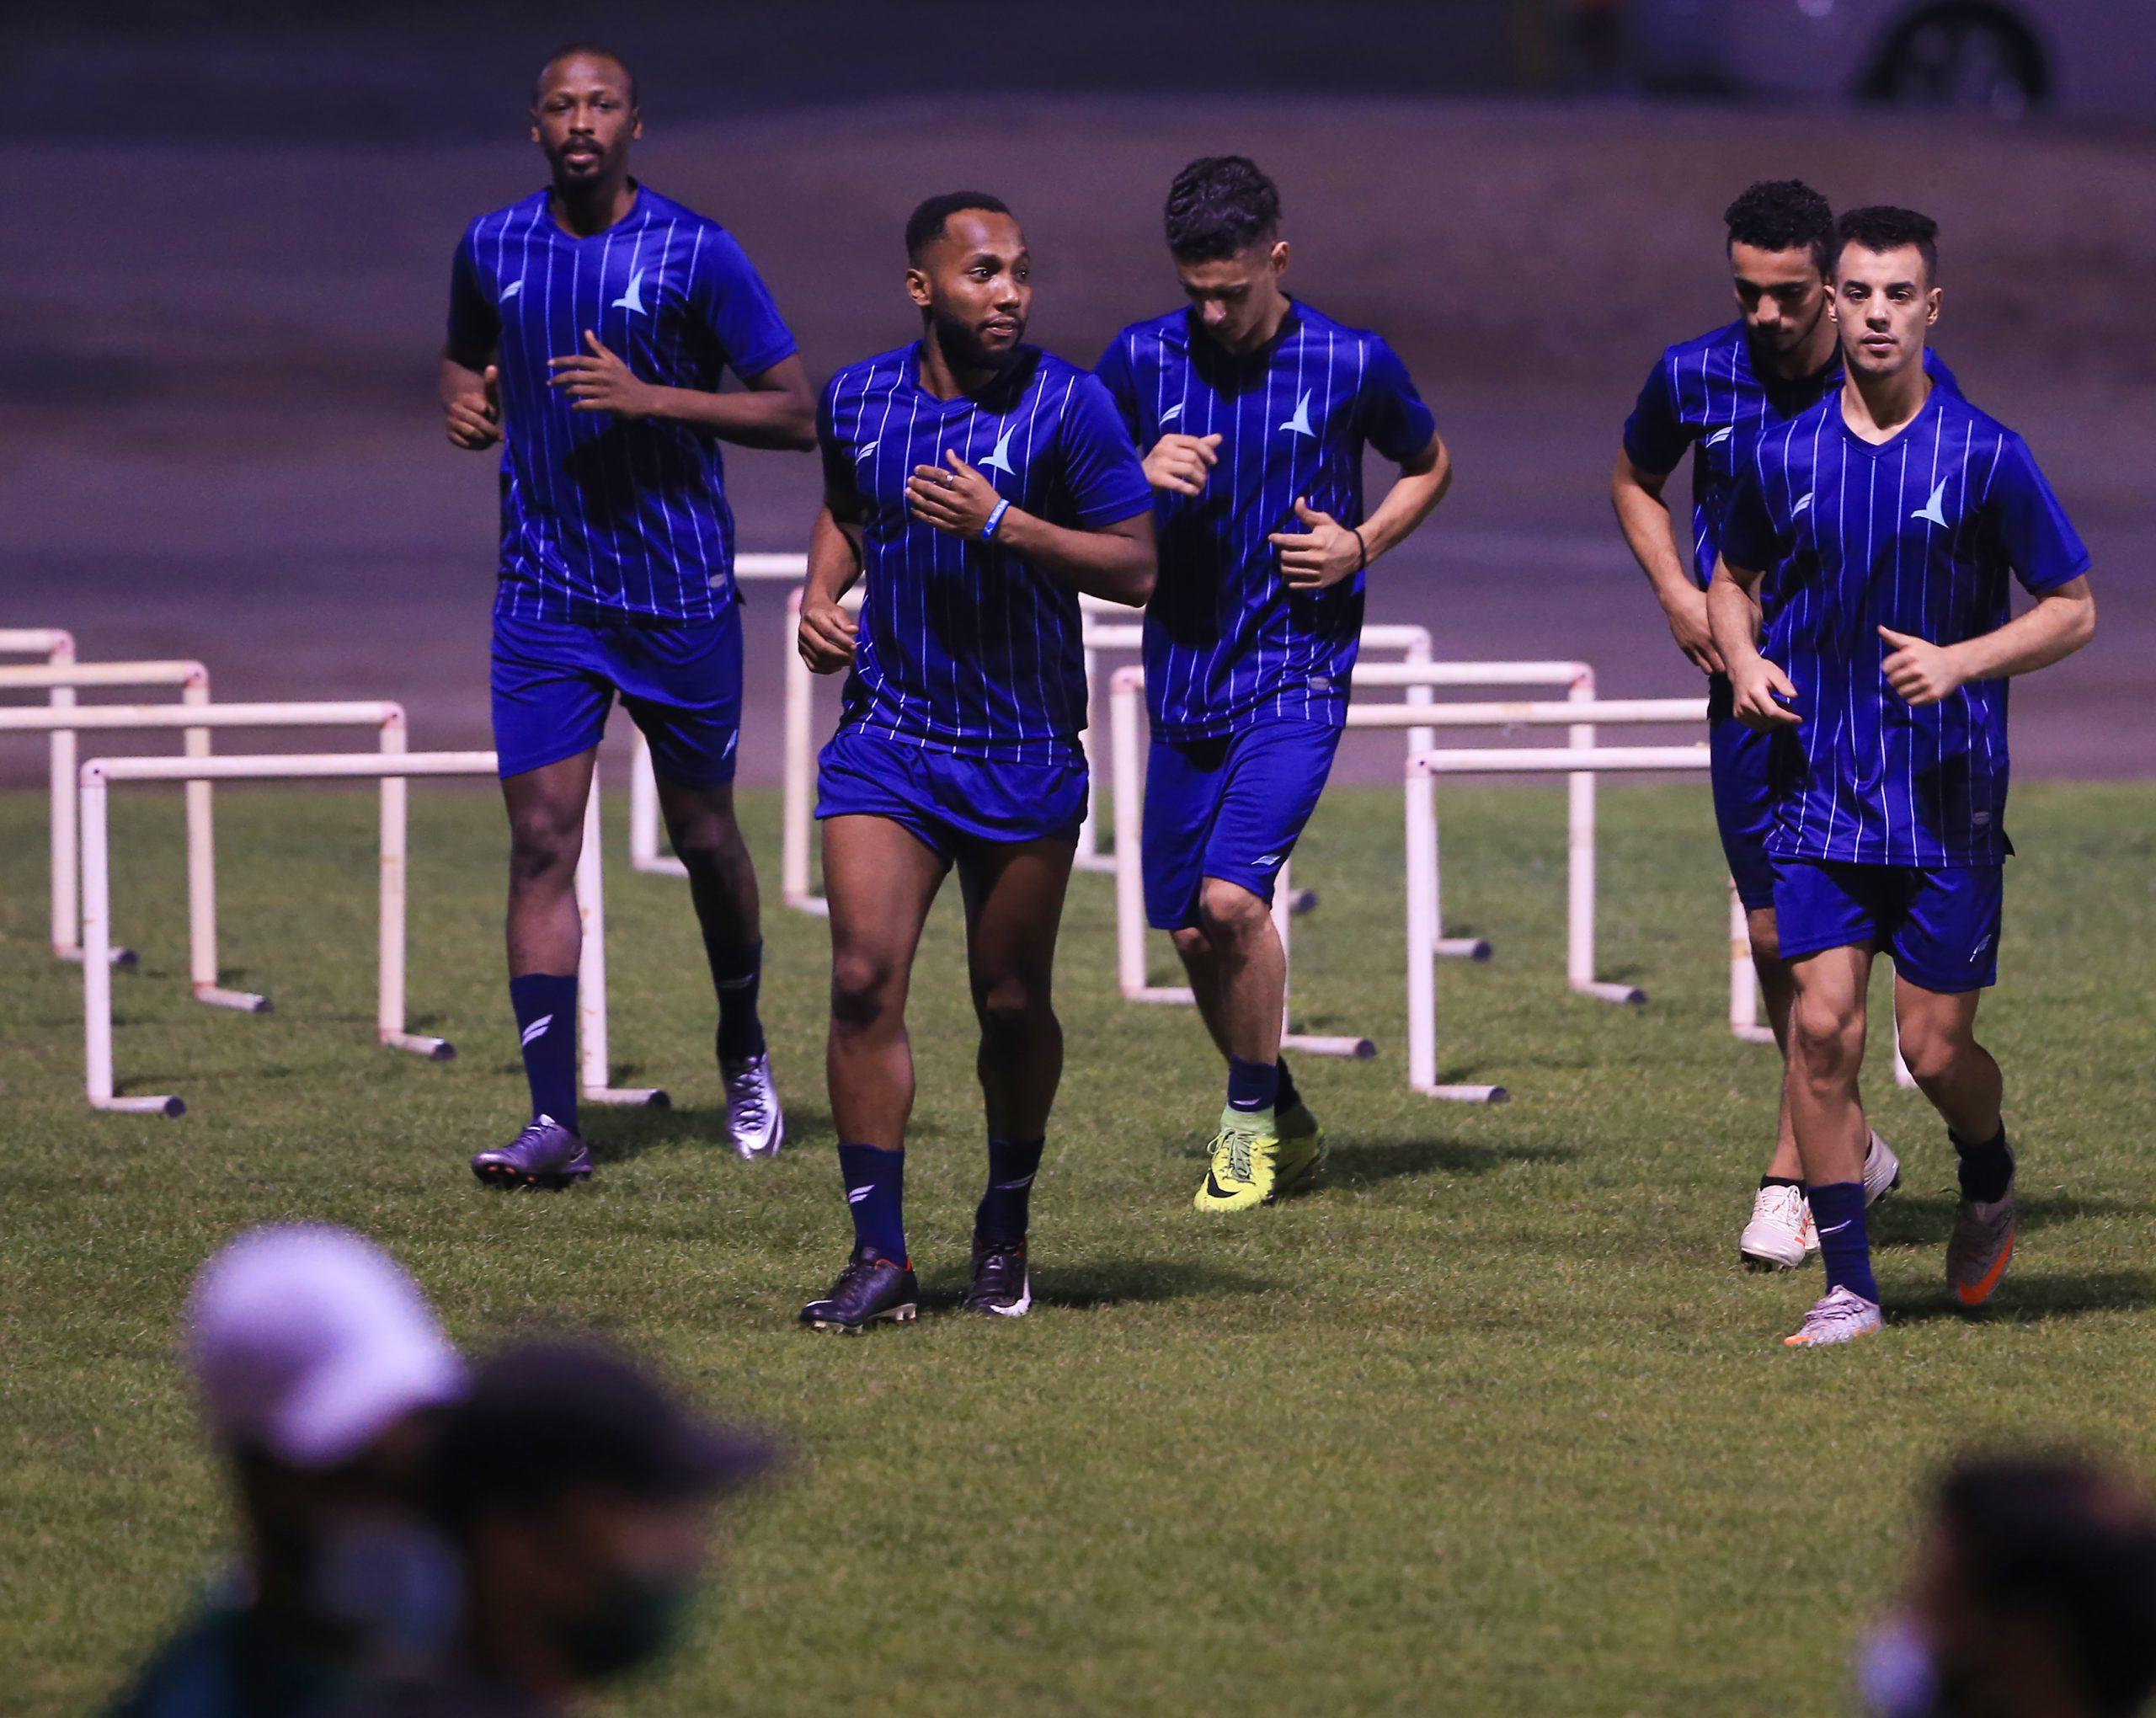 تهدف لدراسة وضع اللعبة بمختلف فئاتها .. هيئة إشرافية لإدارة شؤون كرة القدم بنادي الخليج